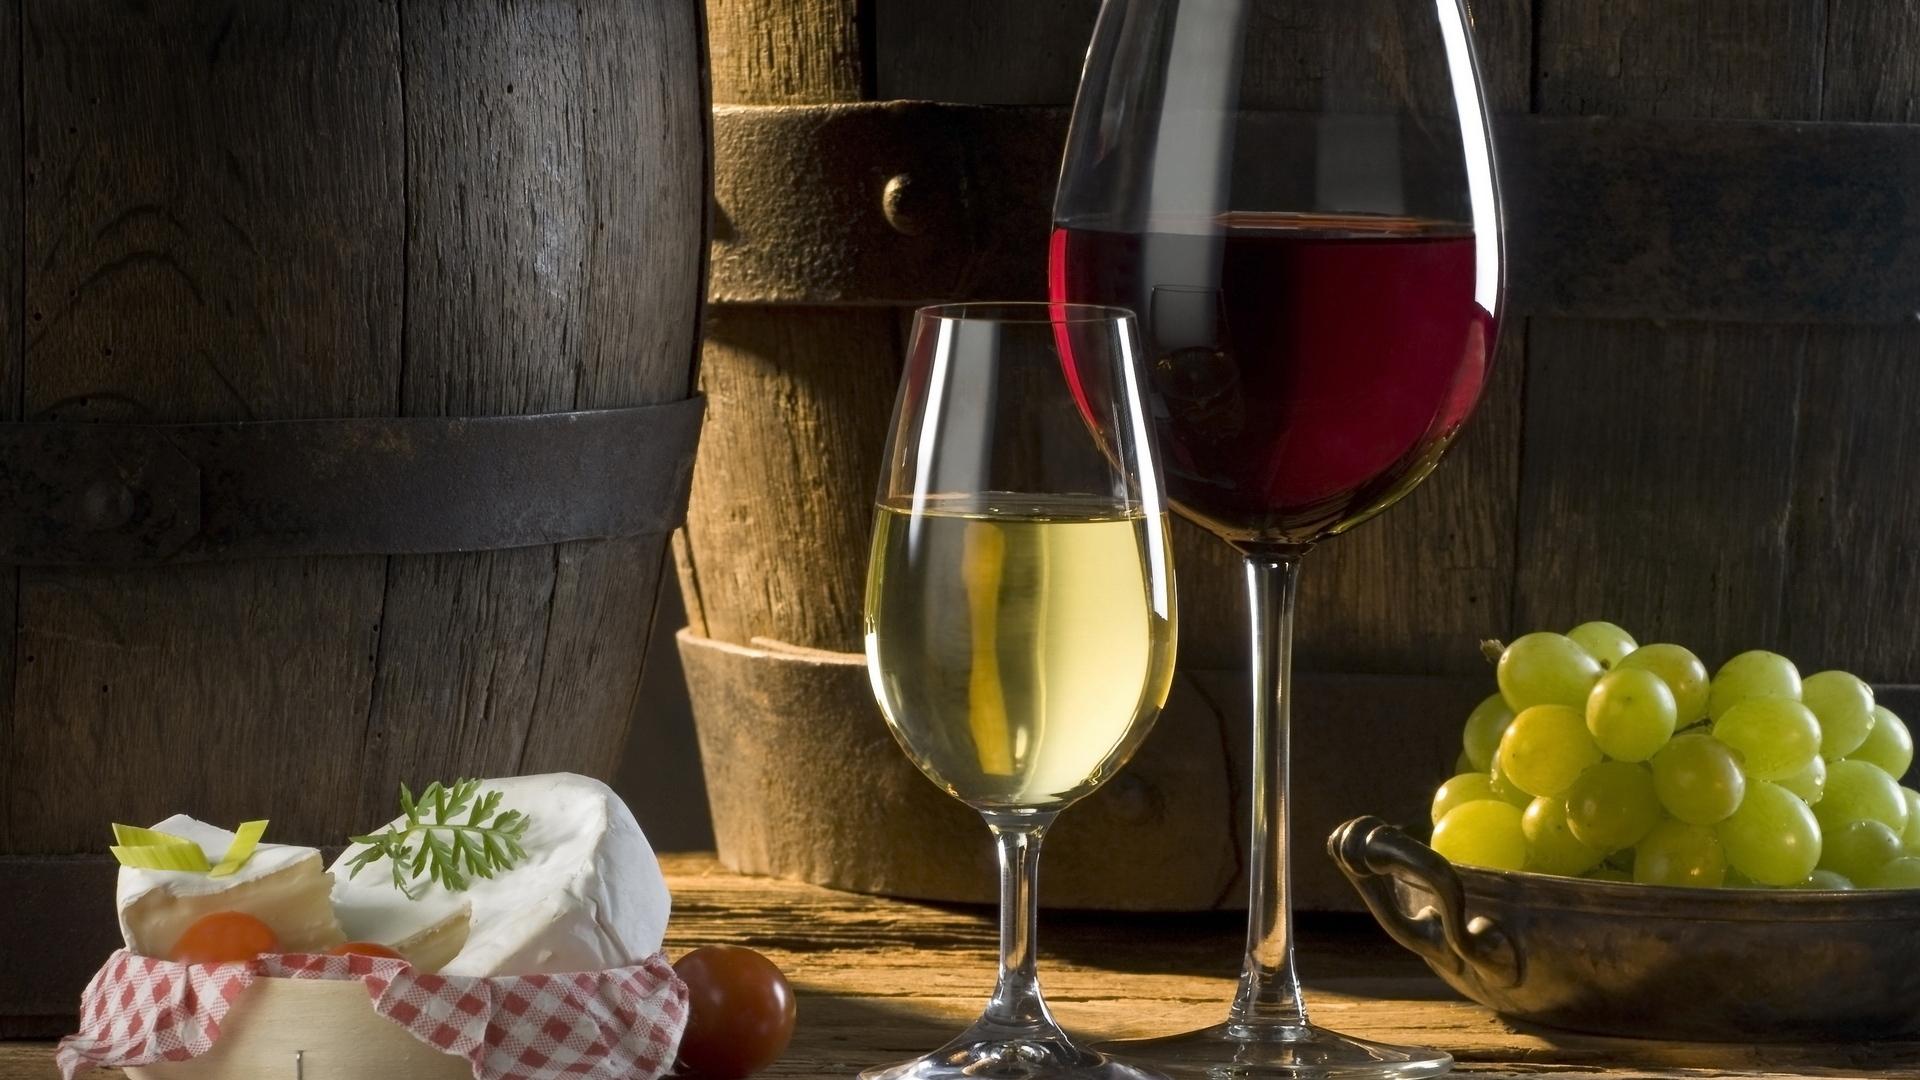 red-wine-and-white-wine